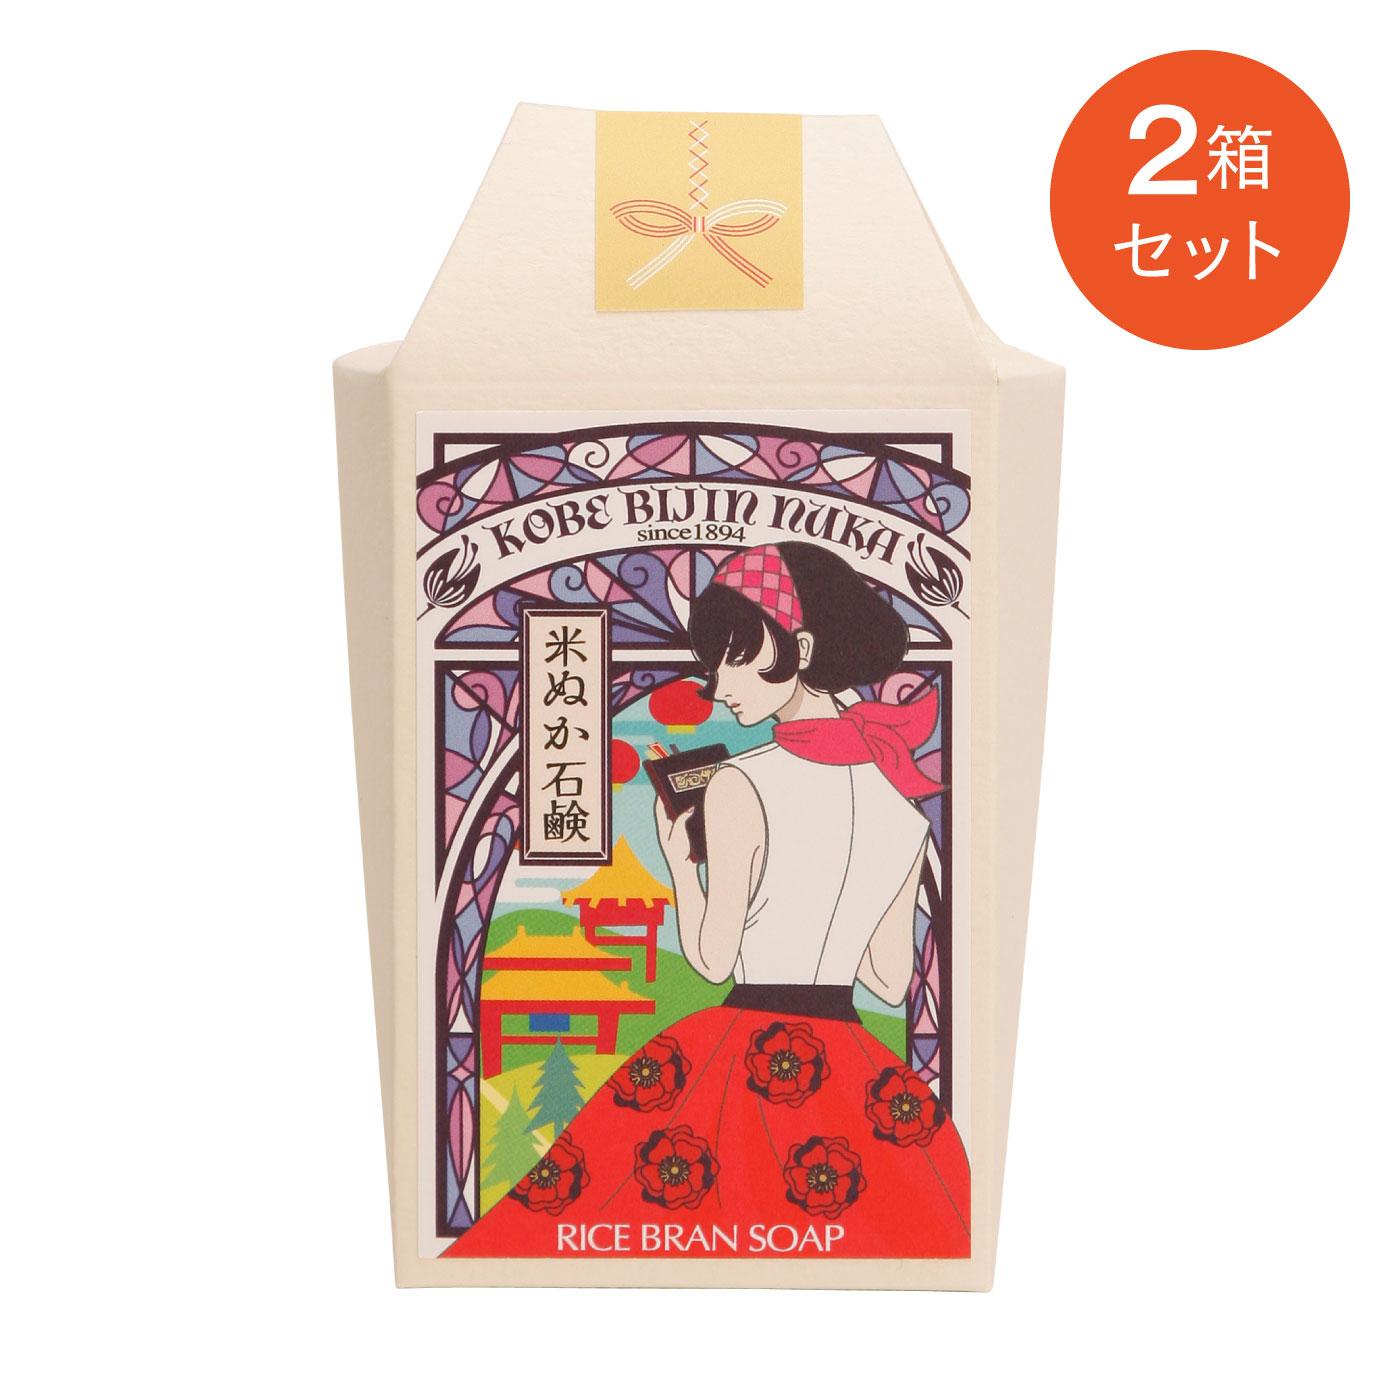 フェリシモ 神戸美人ぬか きめ細やかな泡立ち 米ぬか石鹸〈2個セット〉の会